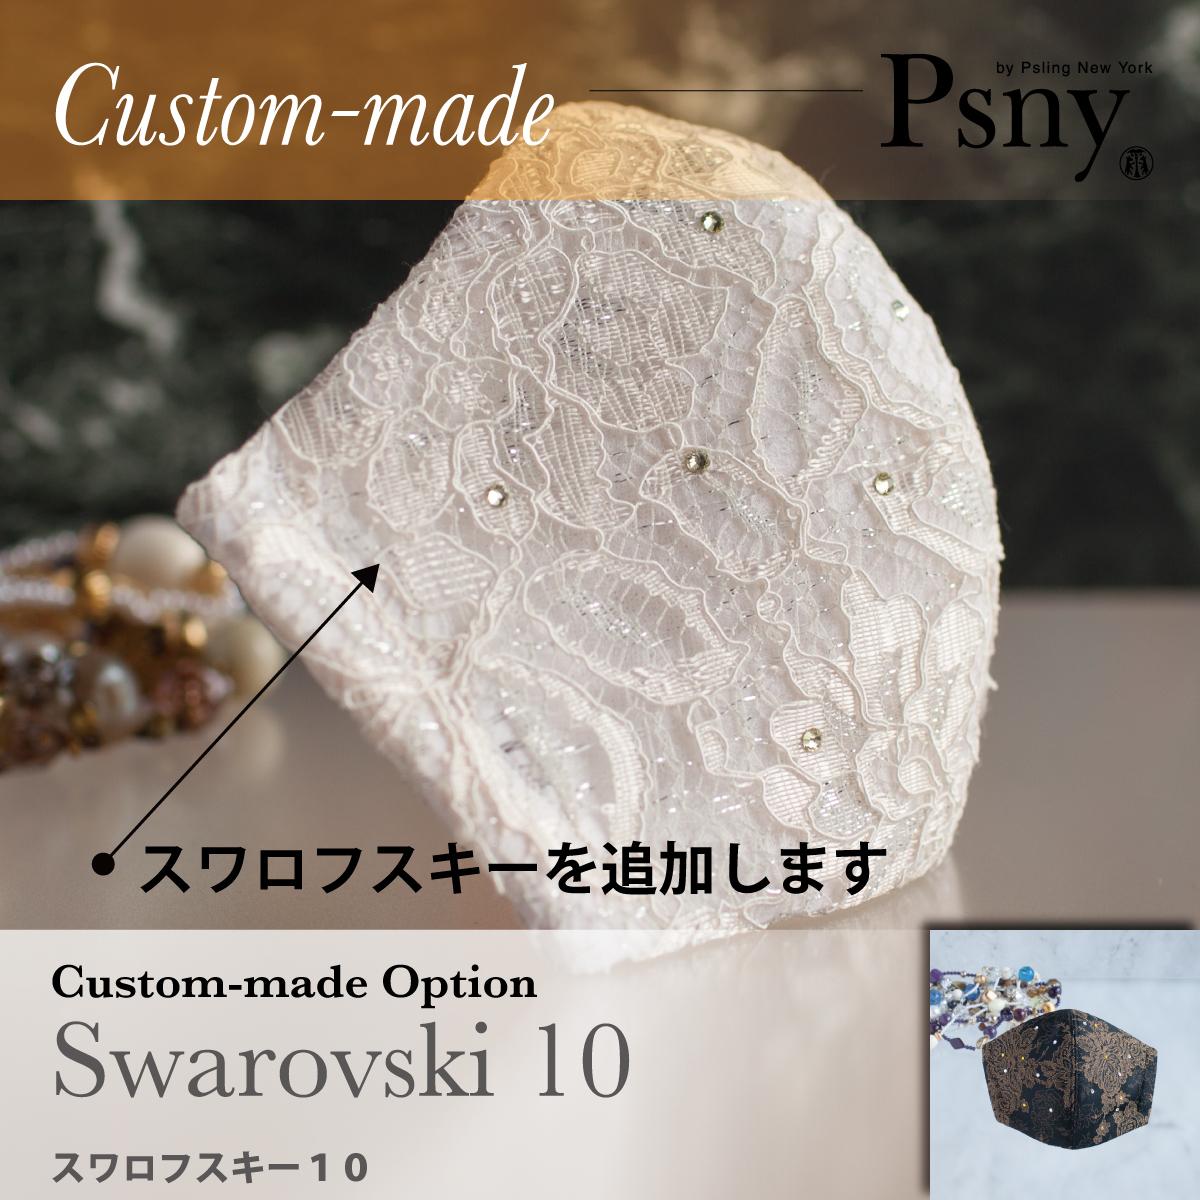 PSNY マスクオプション・スワロフスキー10 マスク 送料無料 O02